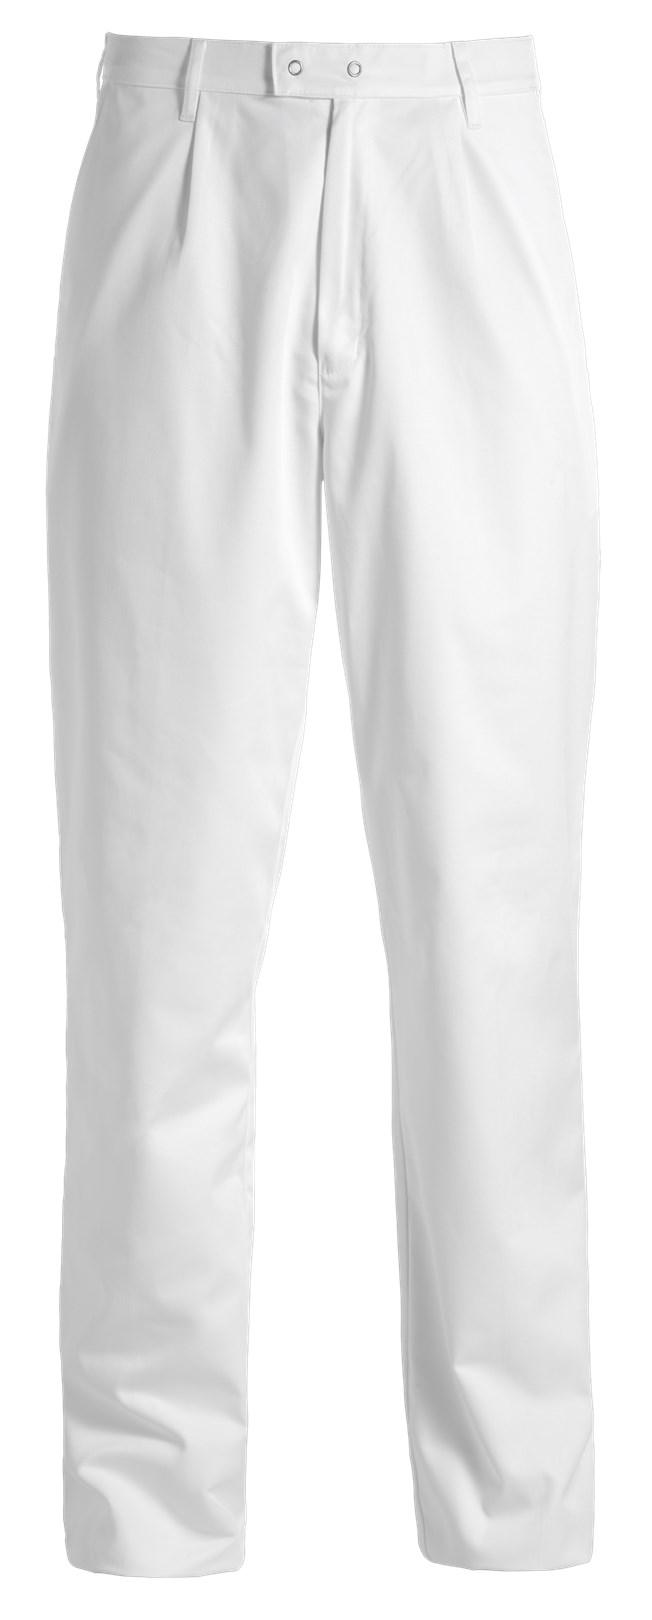 heren pantalon wit met drukknopen